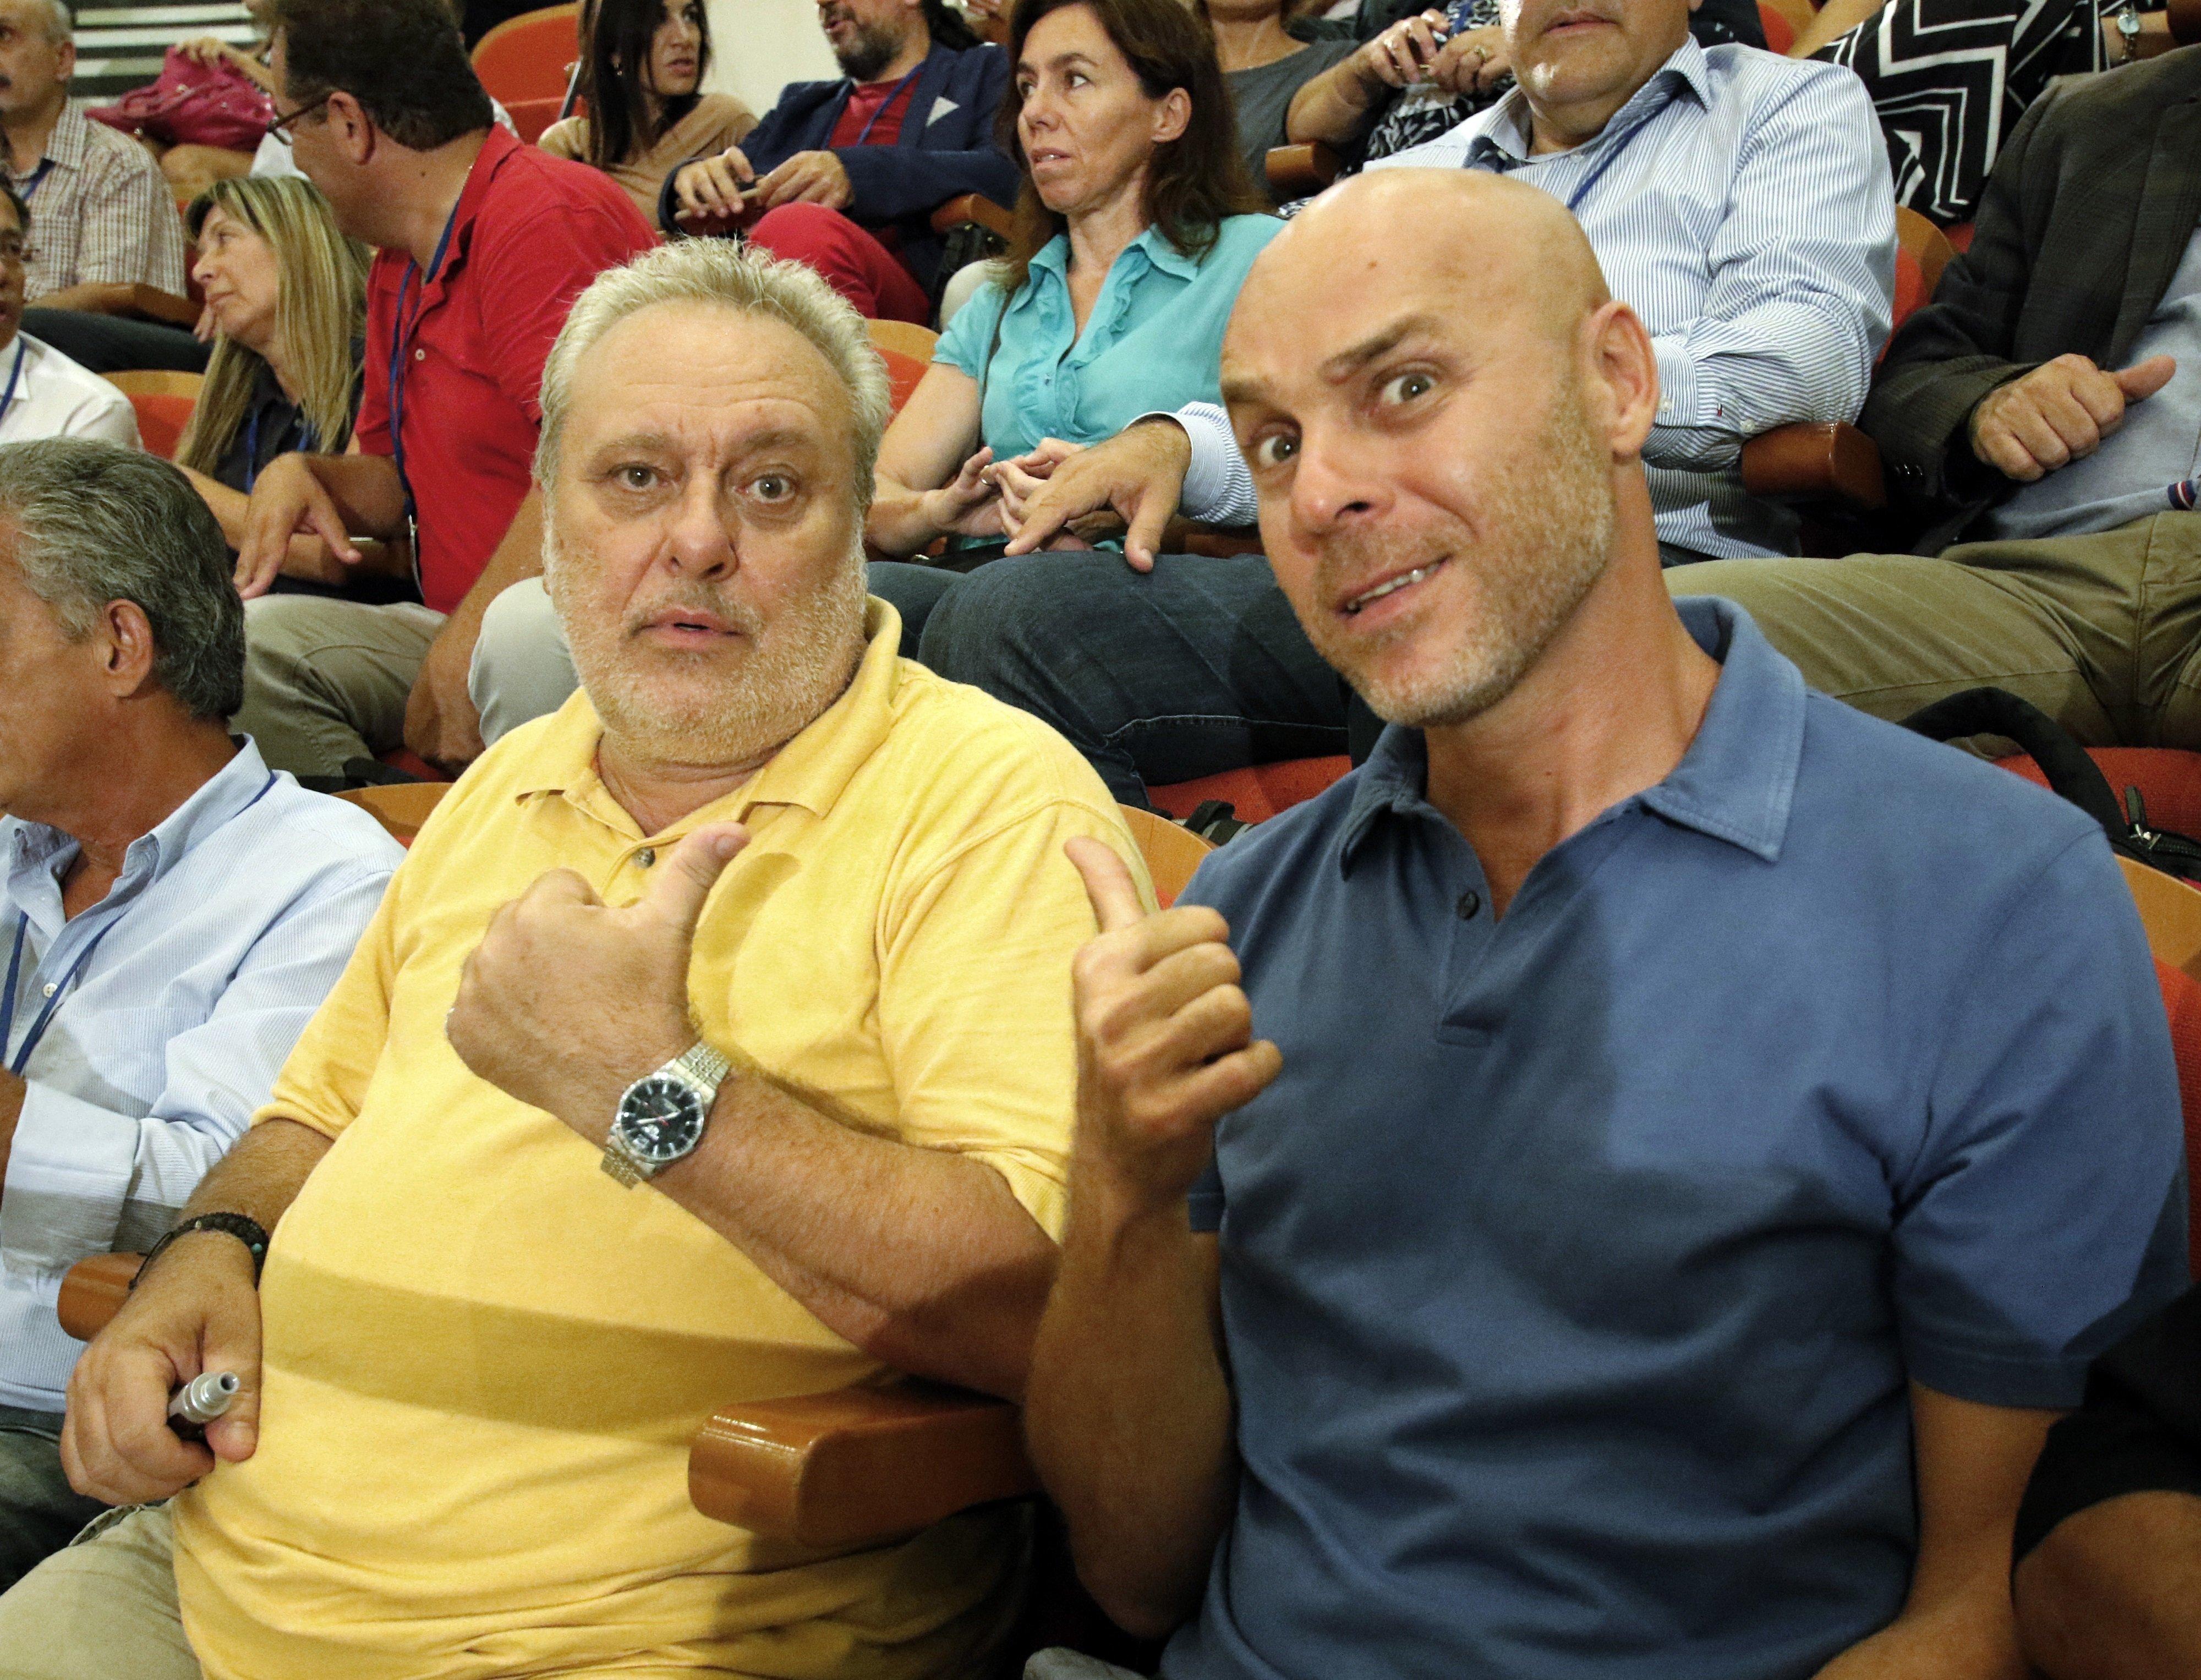 Τρεις βουλευτές σε ρόλο «μπαλαντέρ»: Θεοχαρόπουλος, Αμυράς,